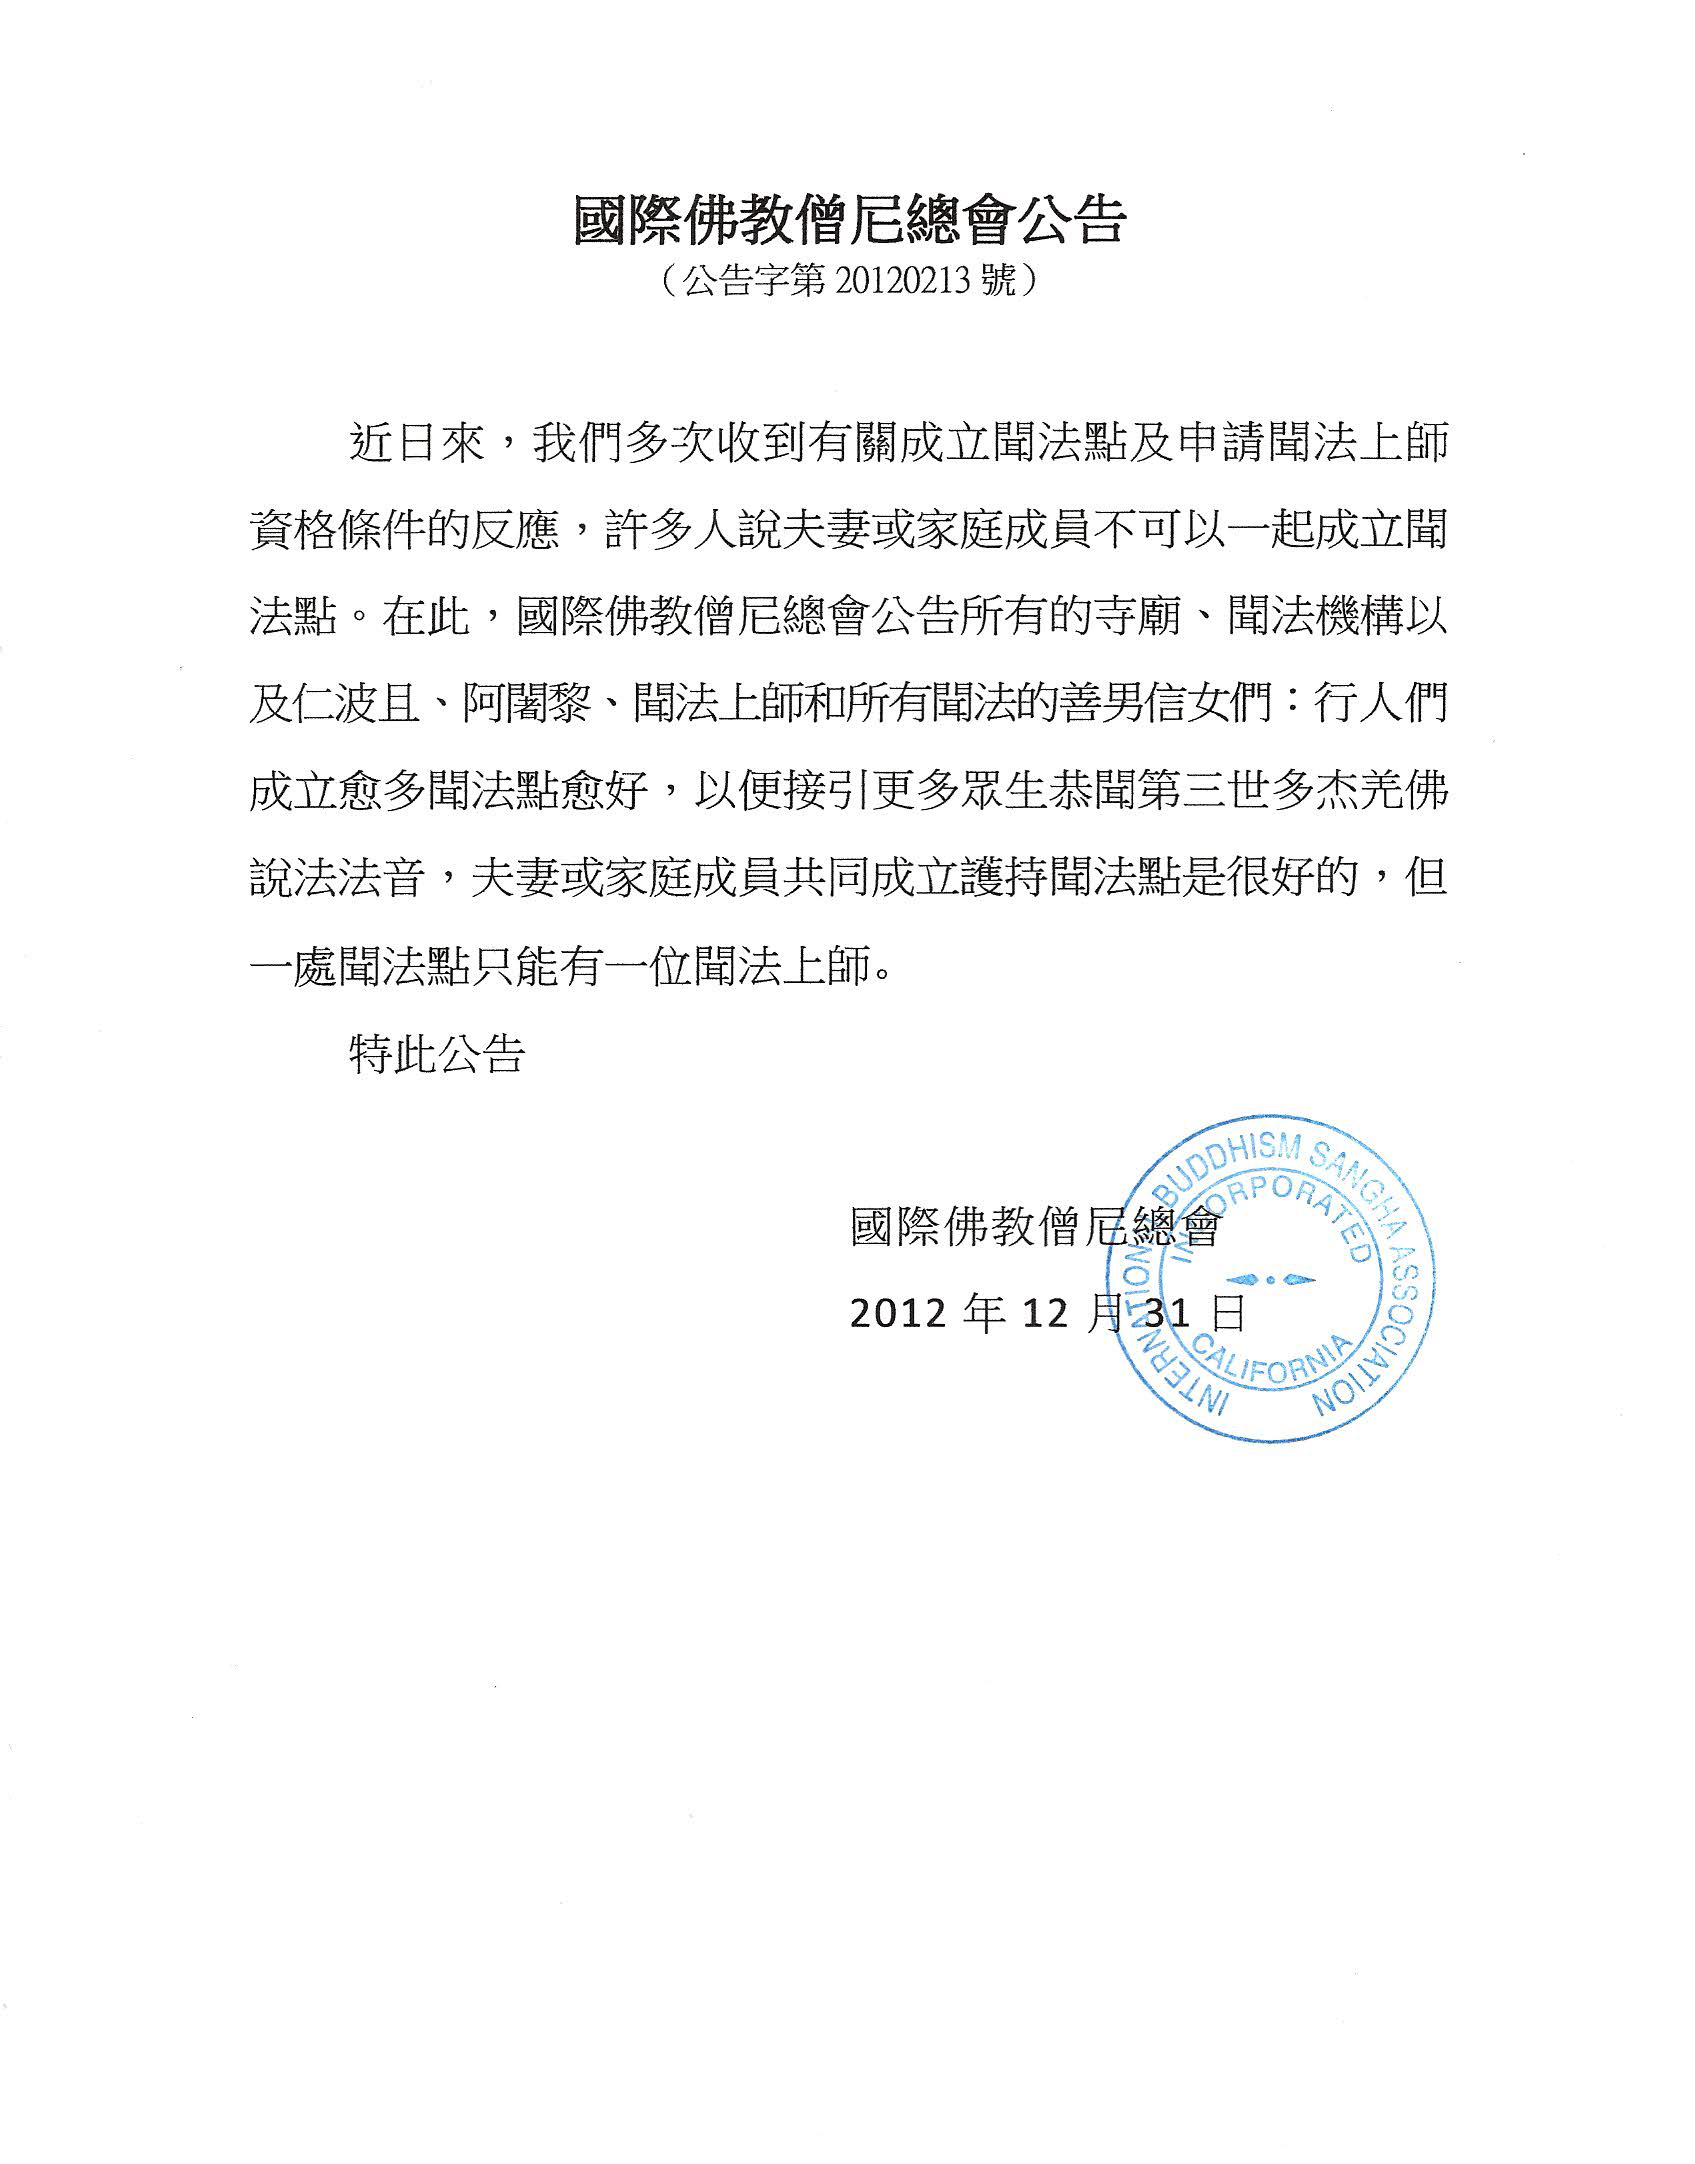 國際佛教僧尼總會公告(公告字第20120213)